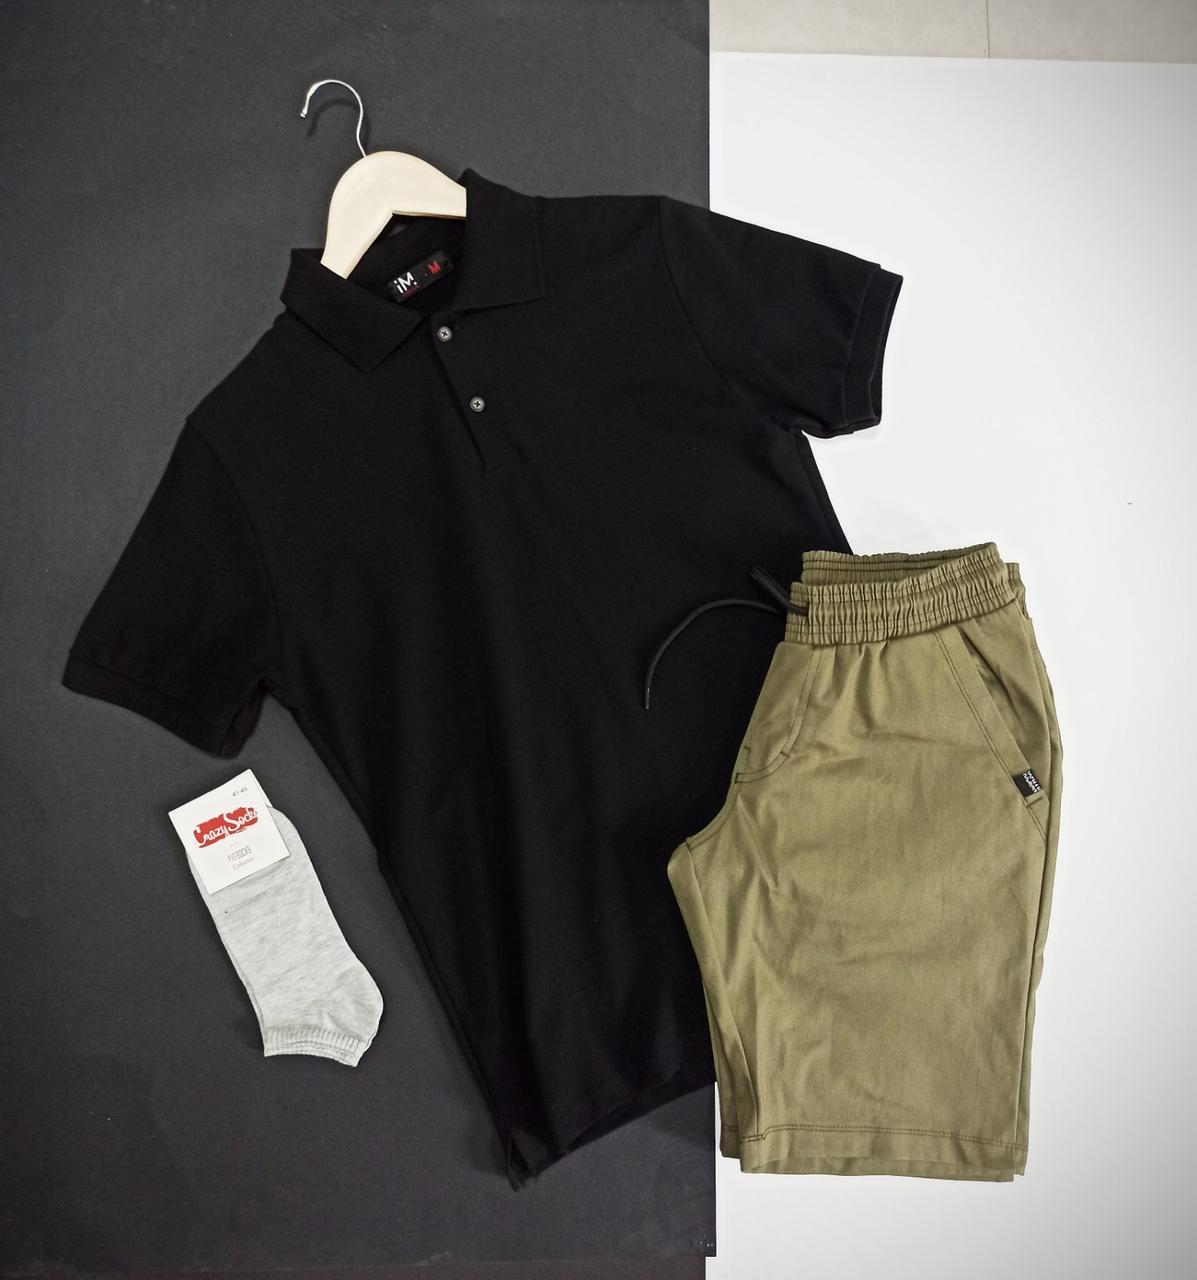 Мужской летний Спортивный костюм черный, Стильный повседневный комплект Футболка Поло и Шорты Турция